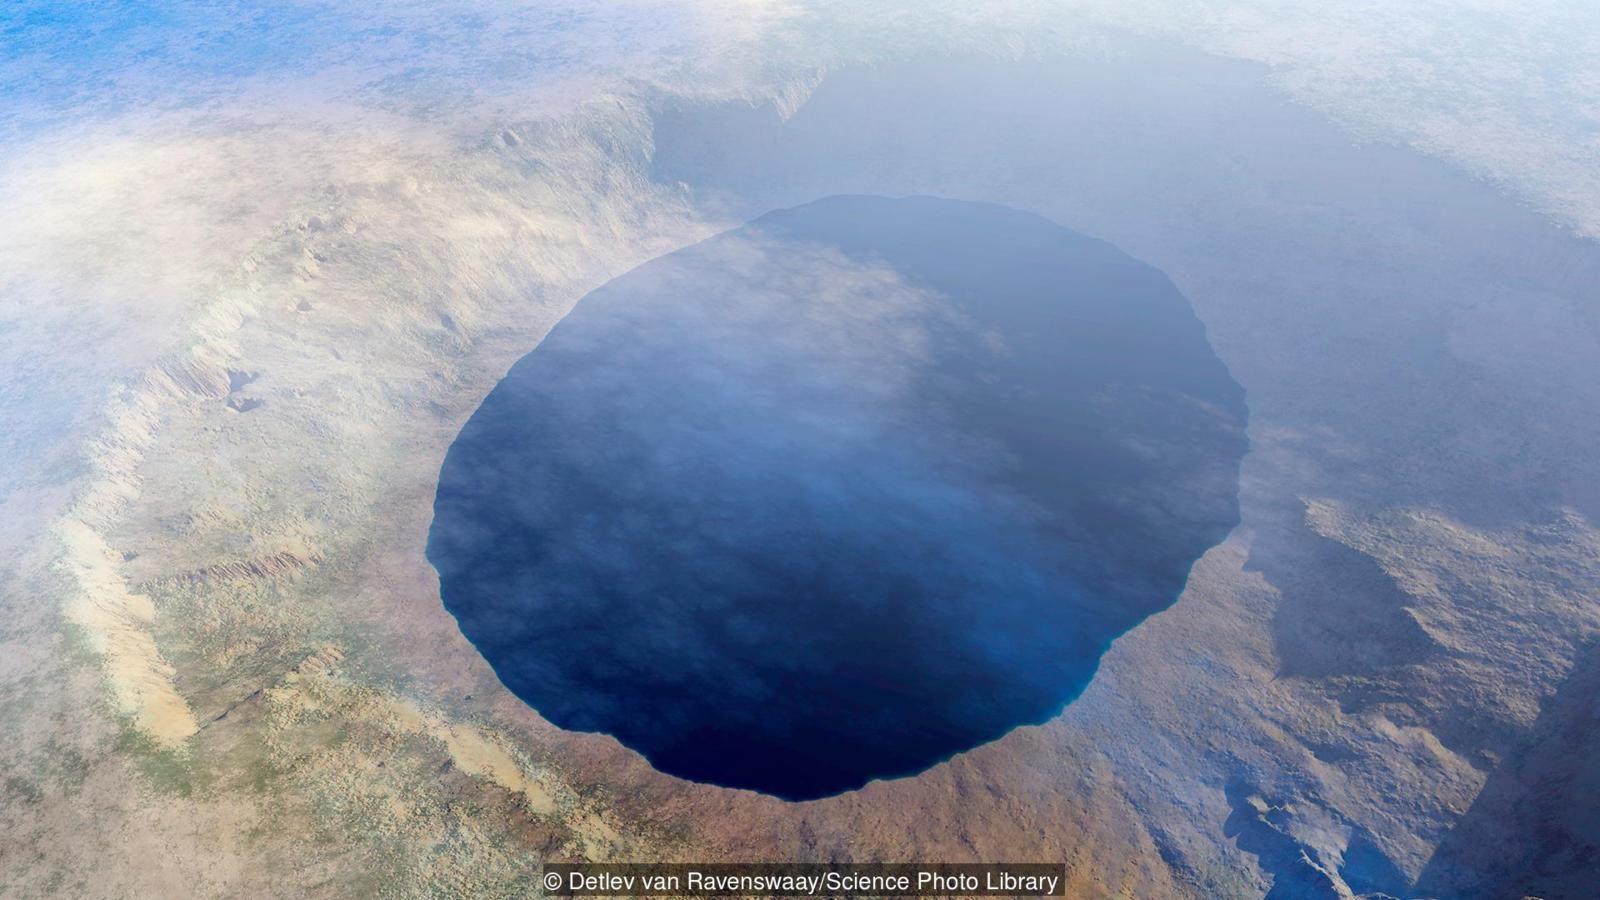 Bir göktaşı krateri, yaşamın başladığı yer olabilir.